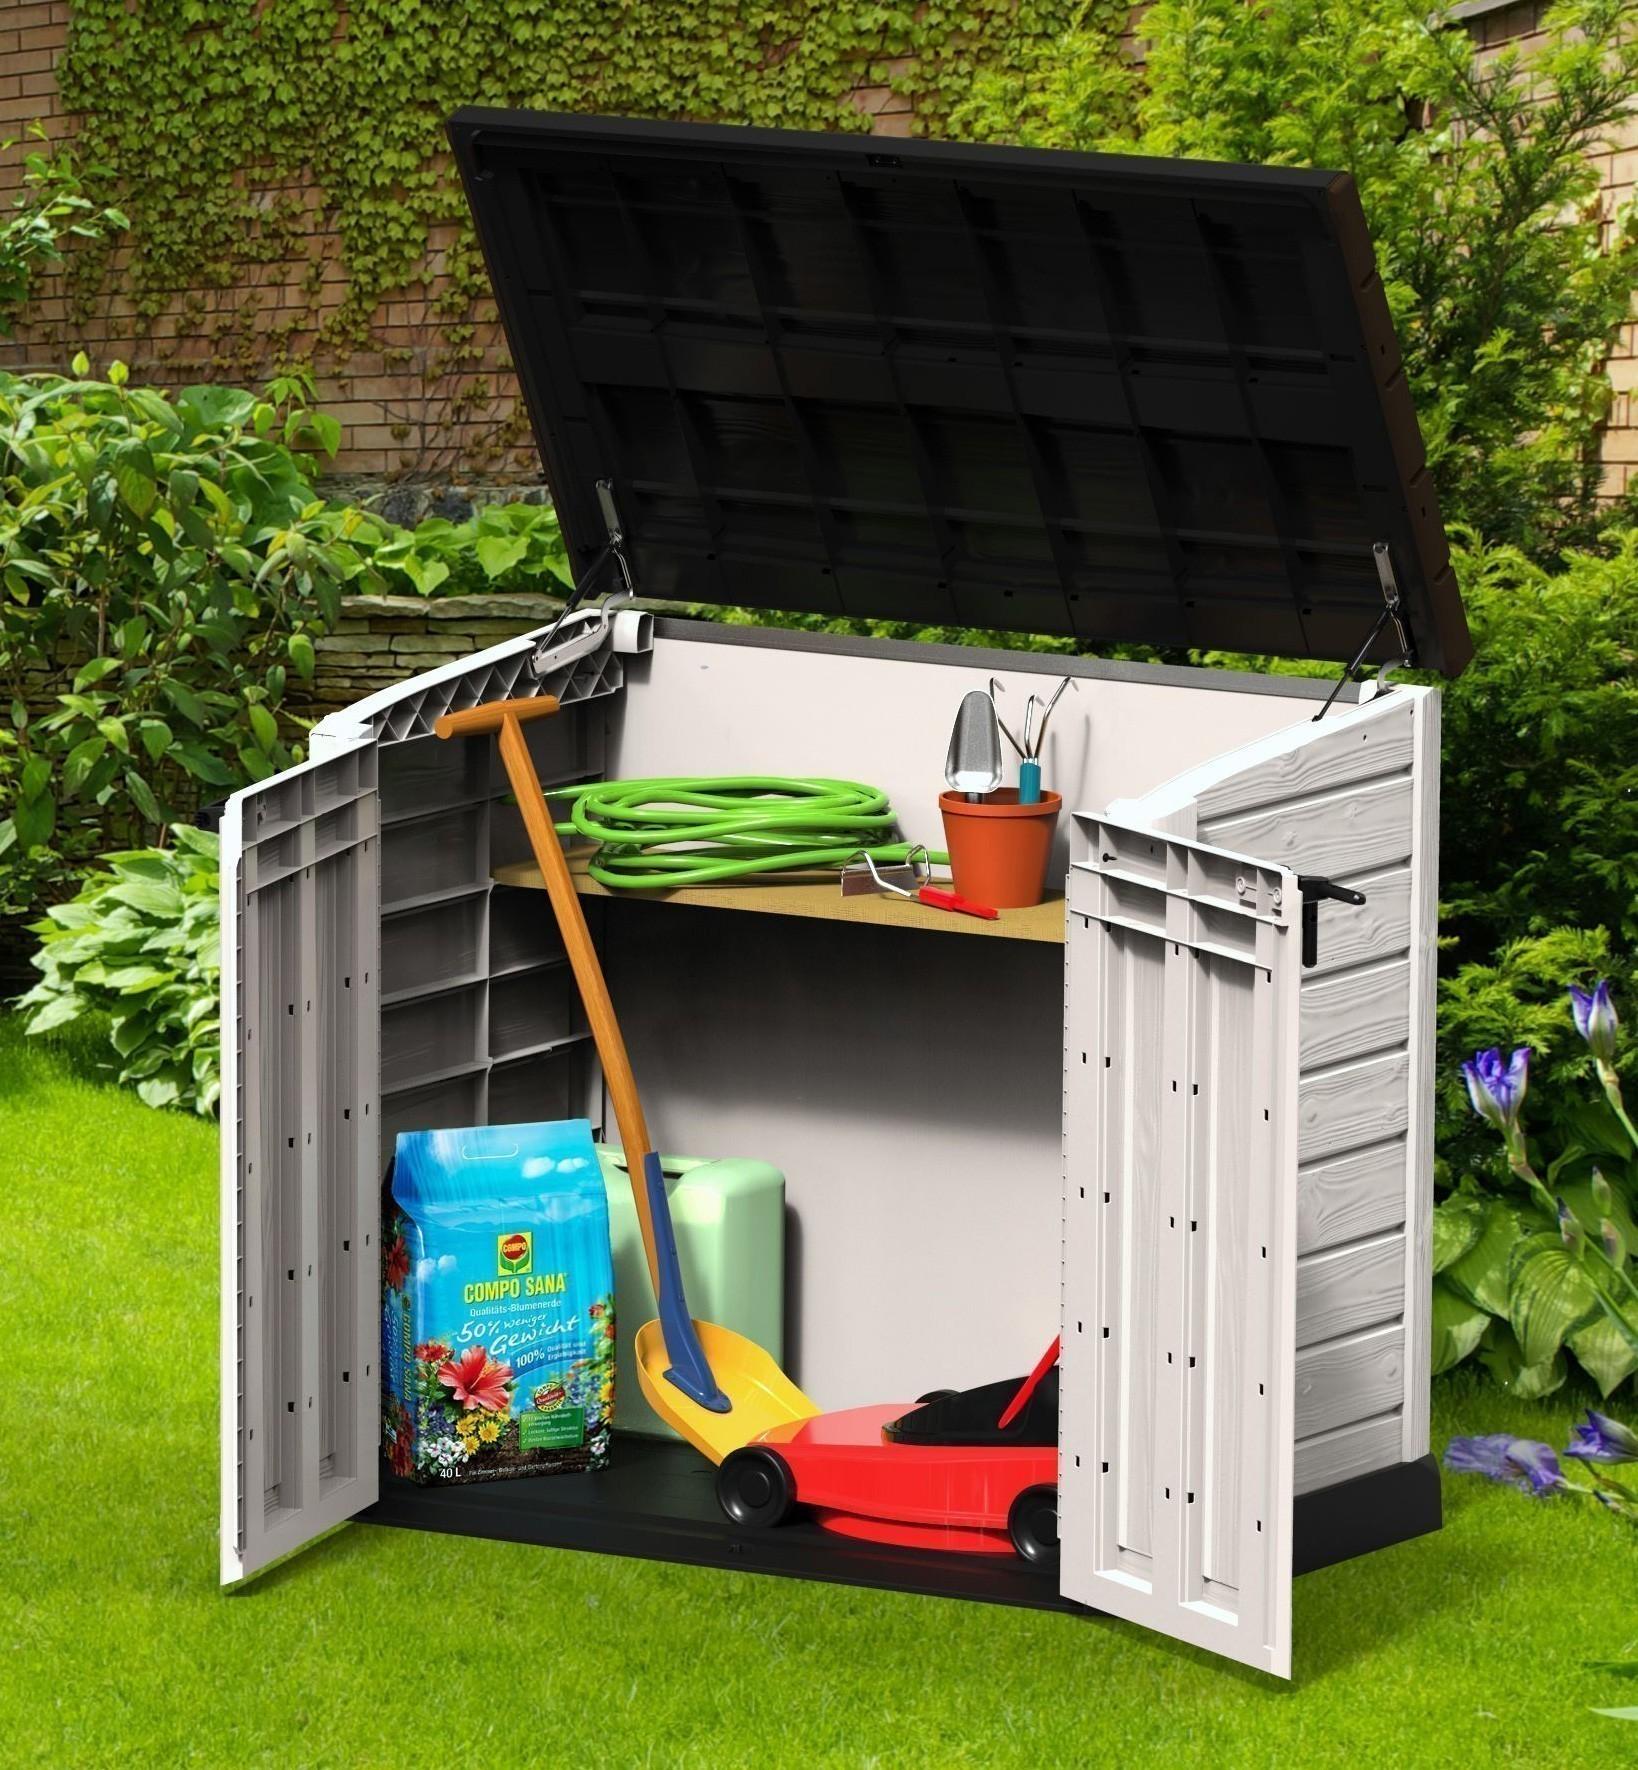 Gartenbox / Aufbewahrungsbox Keter Store It Out Max 146x82x125cm beige Bild 2